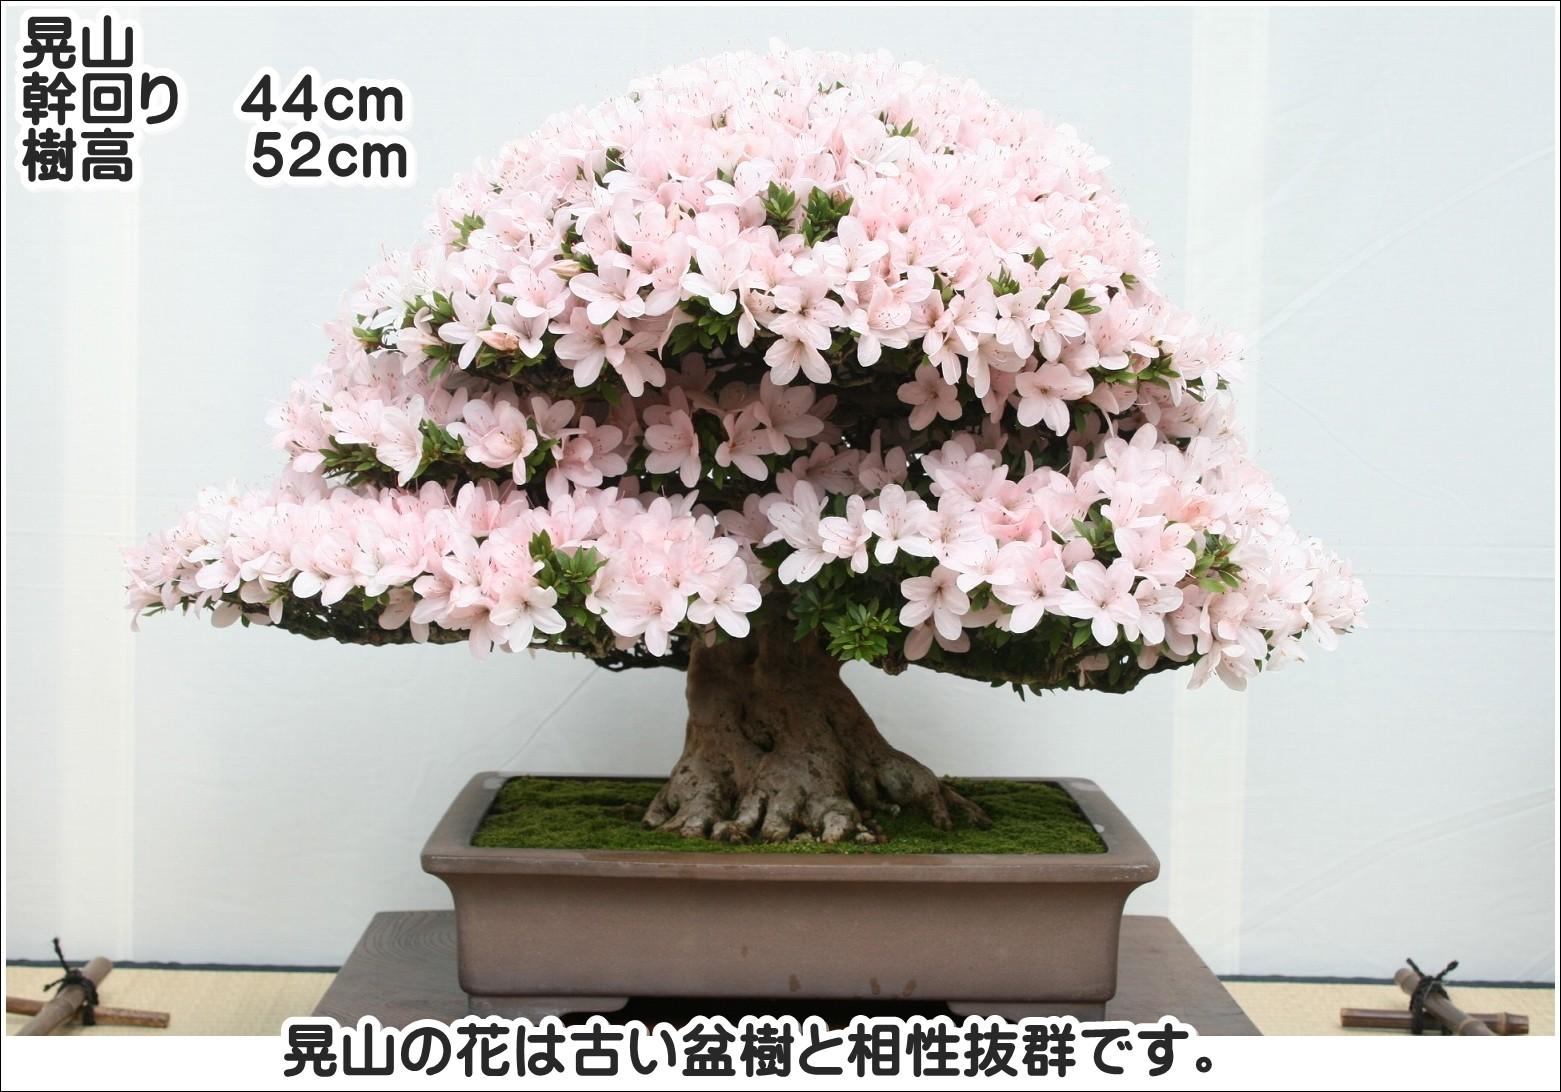 晃山の花は古い盆樹と相性抜群です。